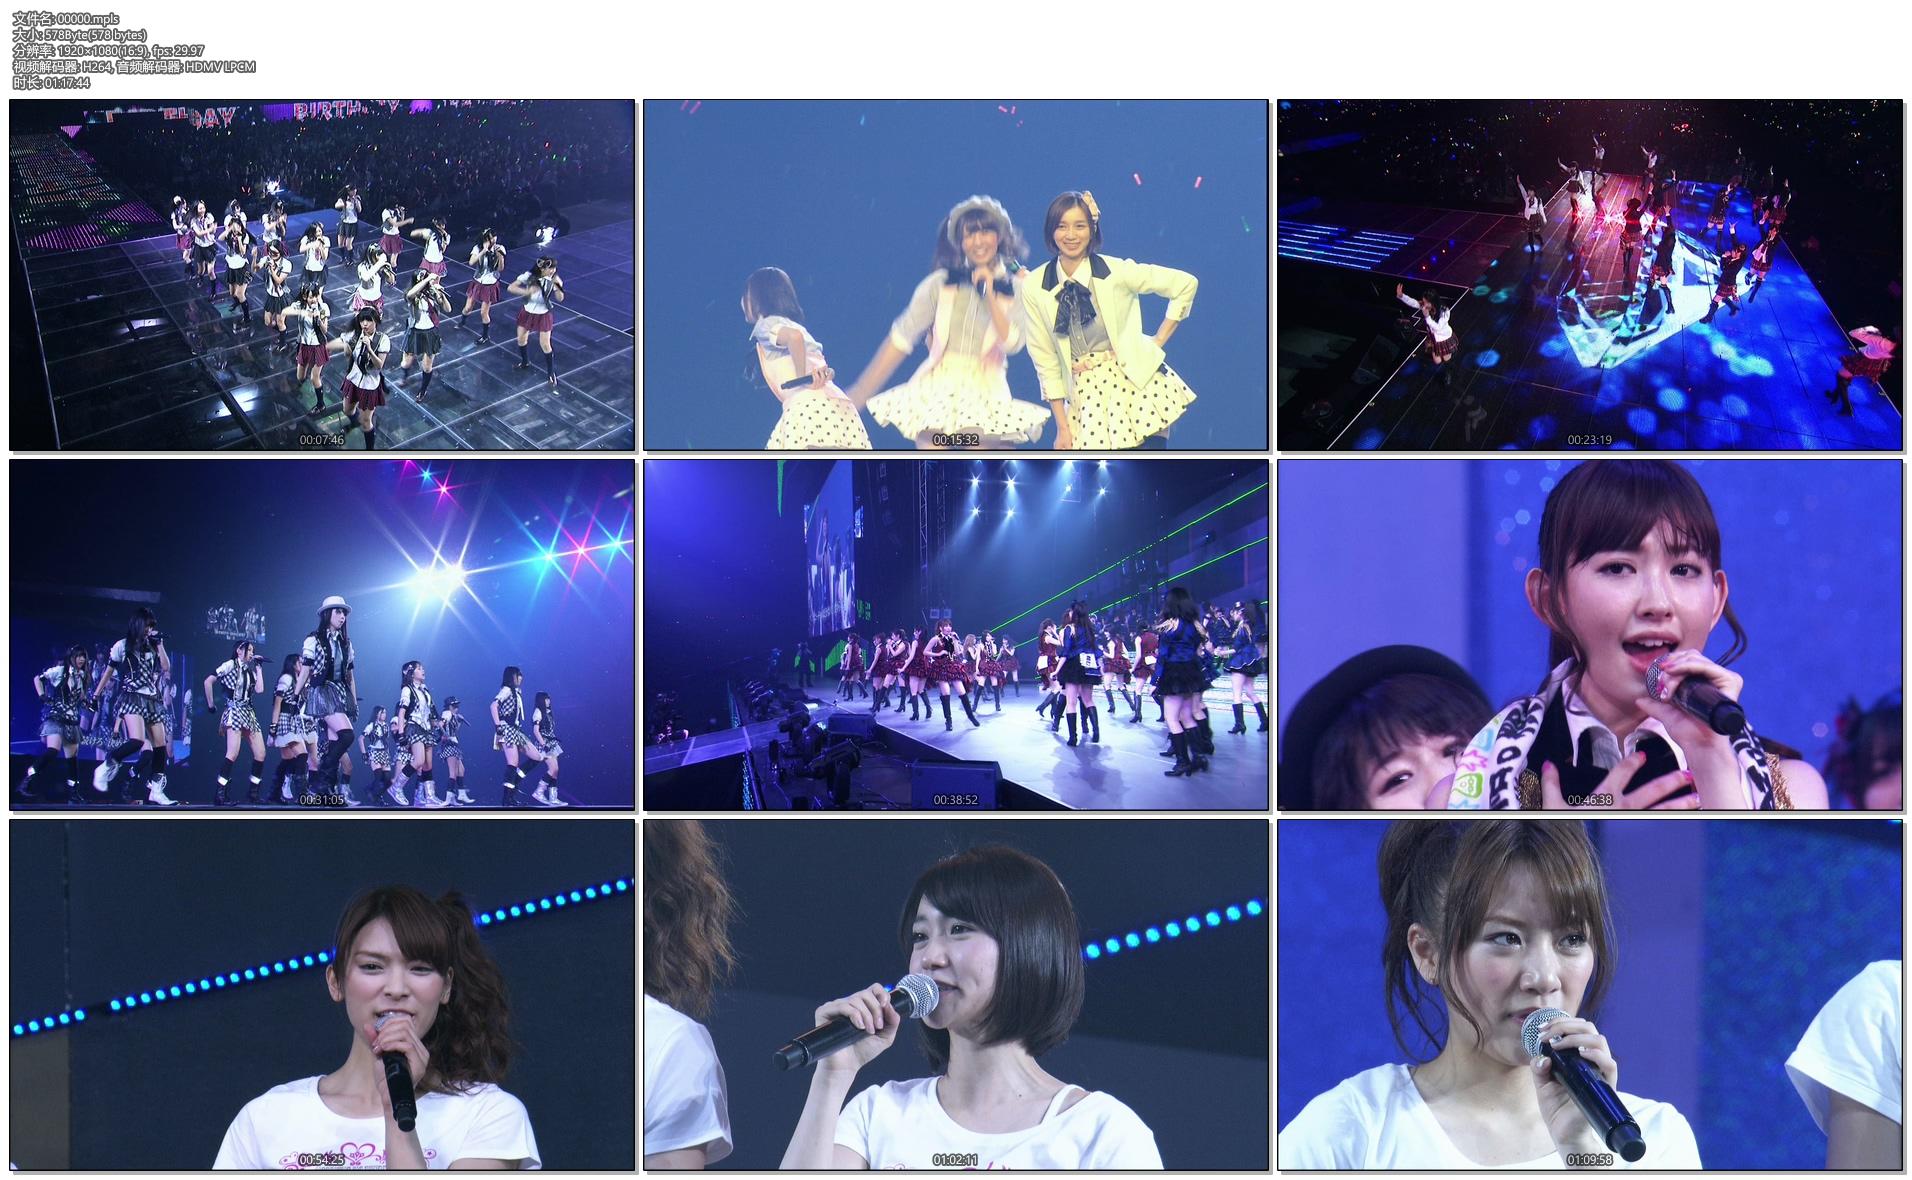 [蓝光原盘] AKB48 前田敦子 毕业演唱会《BDMV 187G》